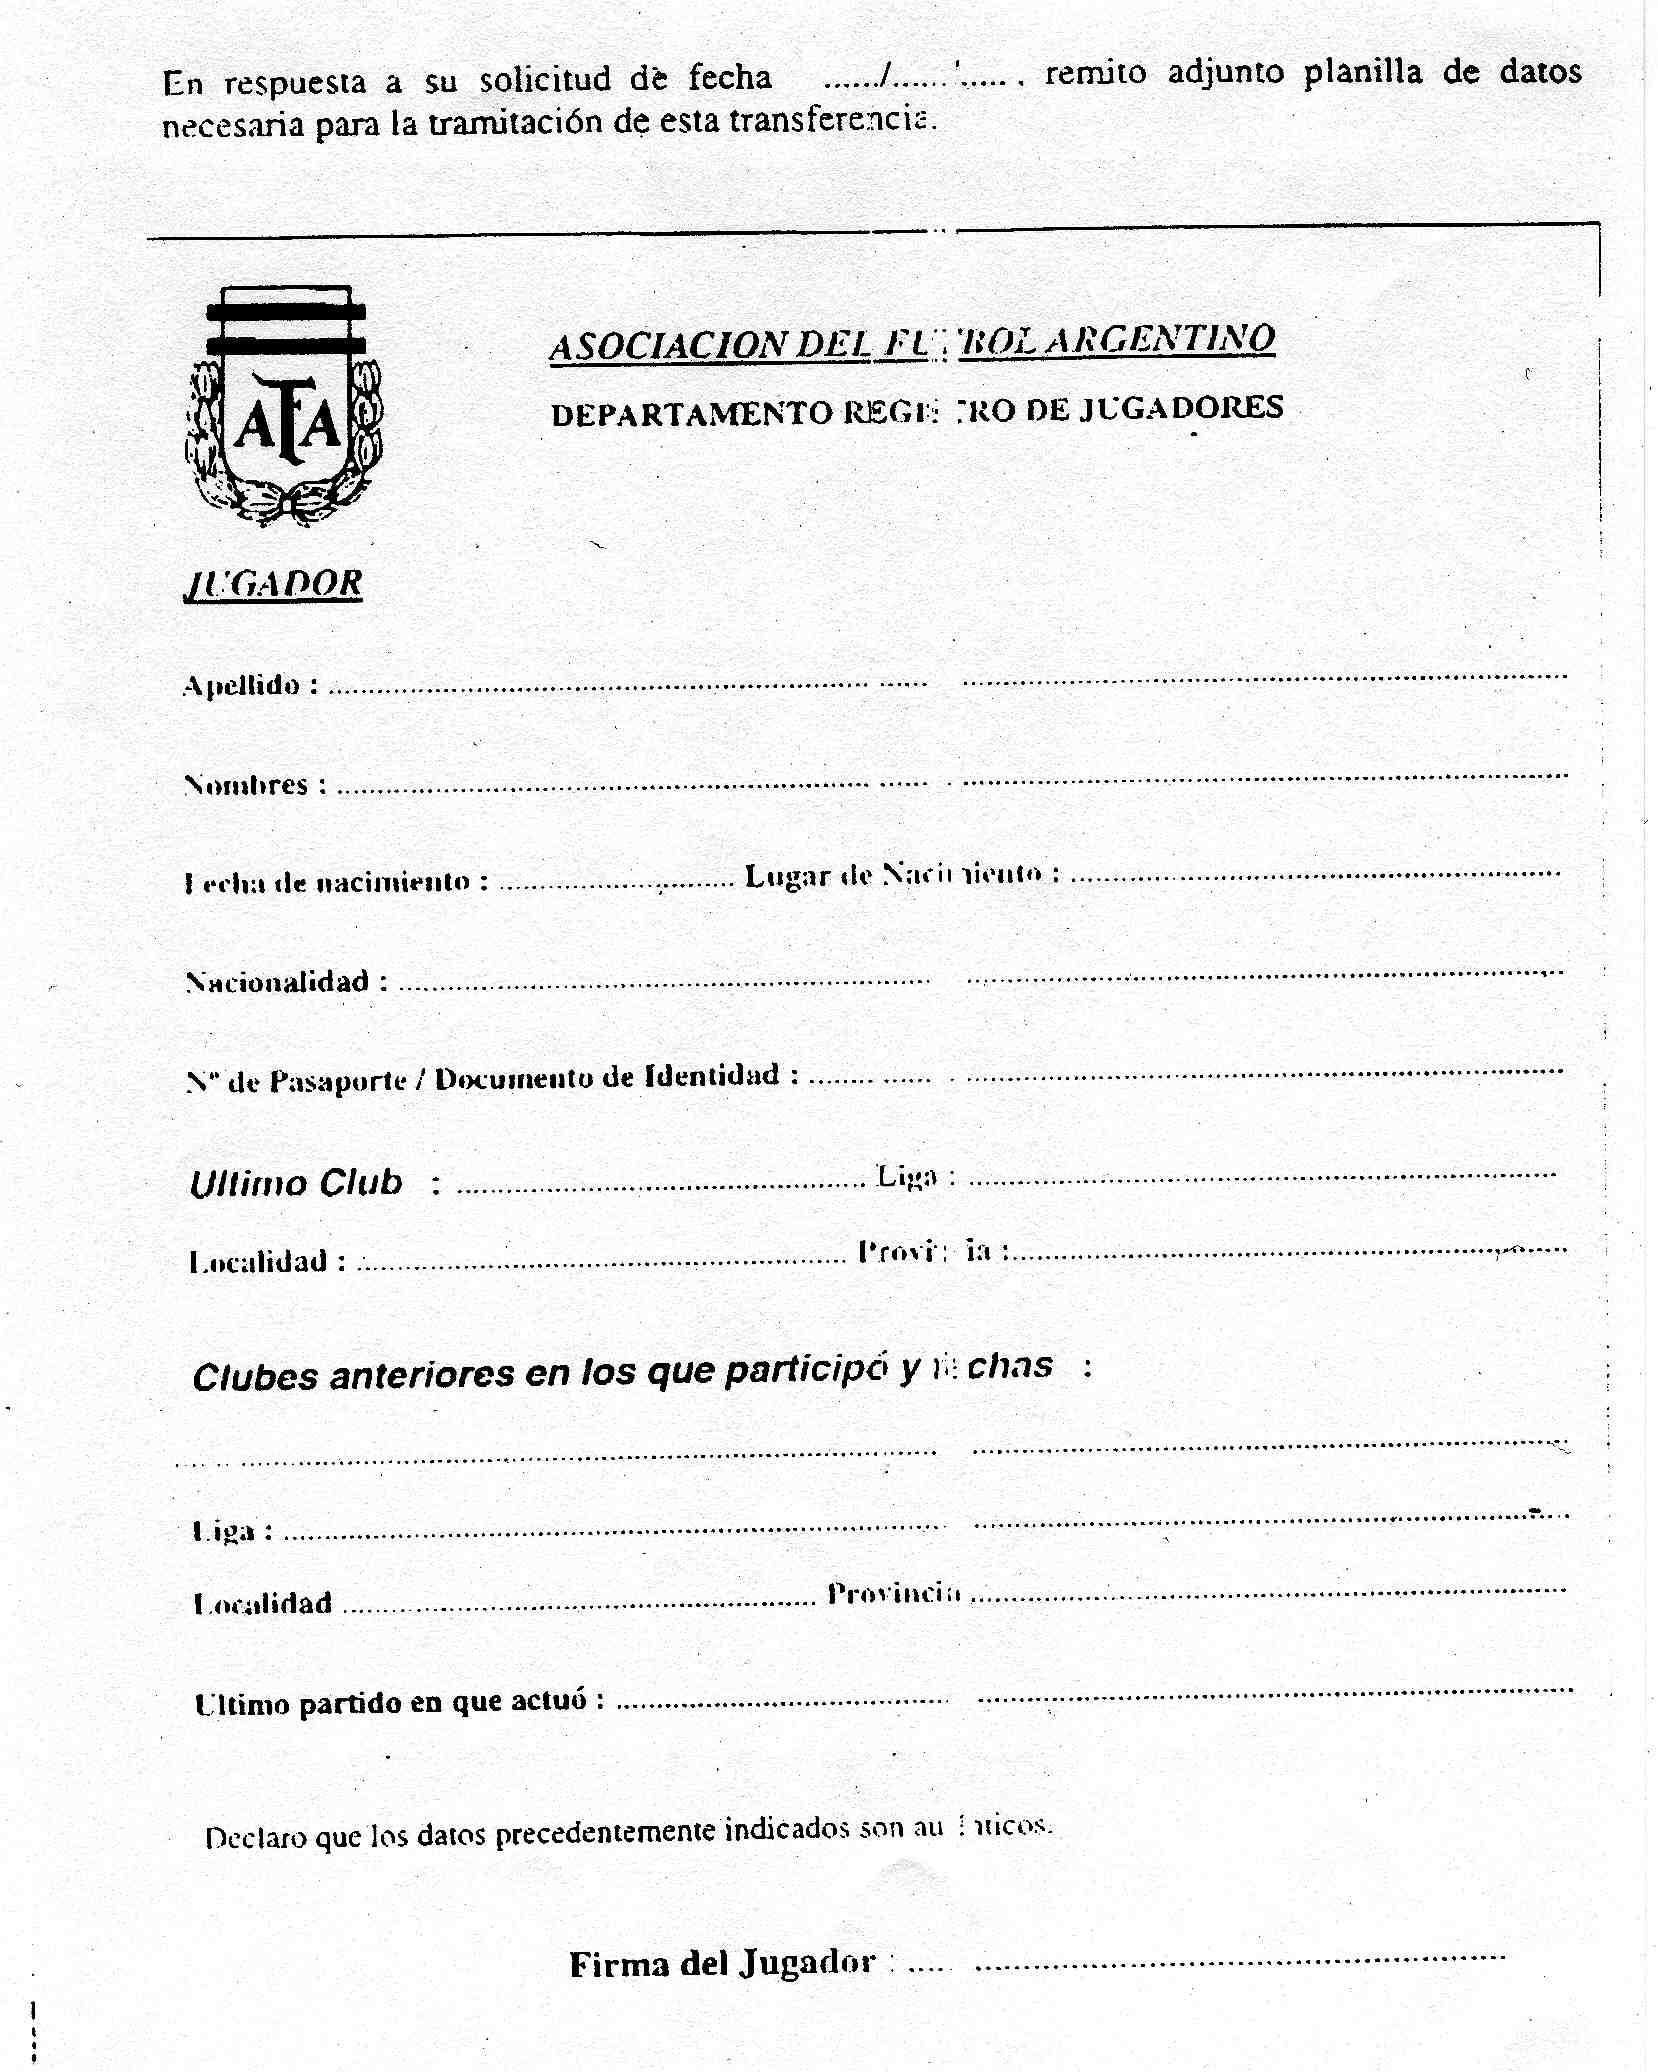 zusatzformular argentinien - Mitgliedsantrag Verein Muster